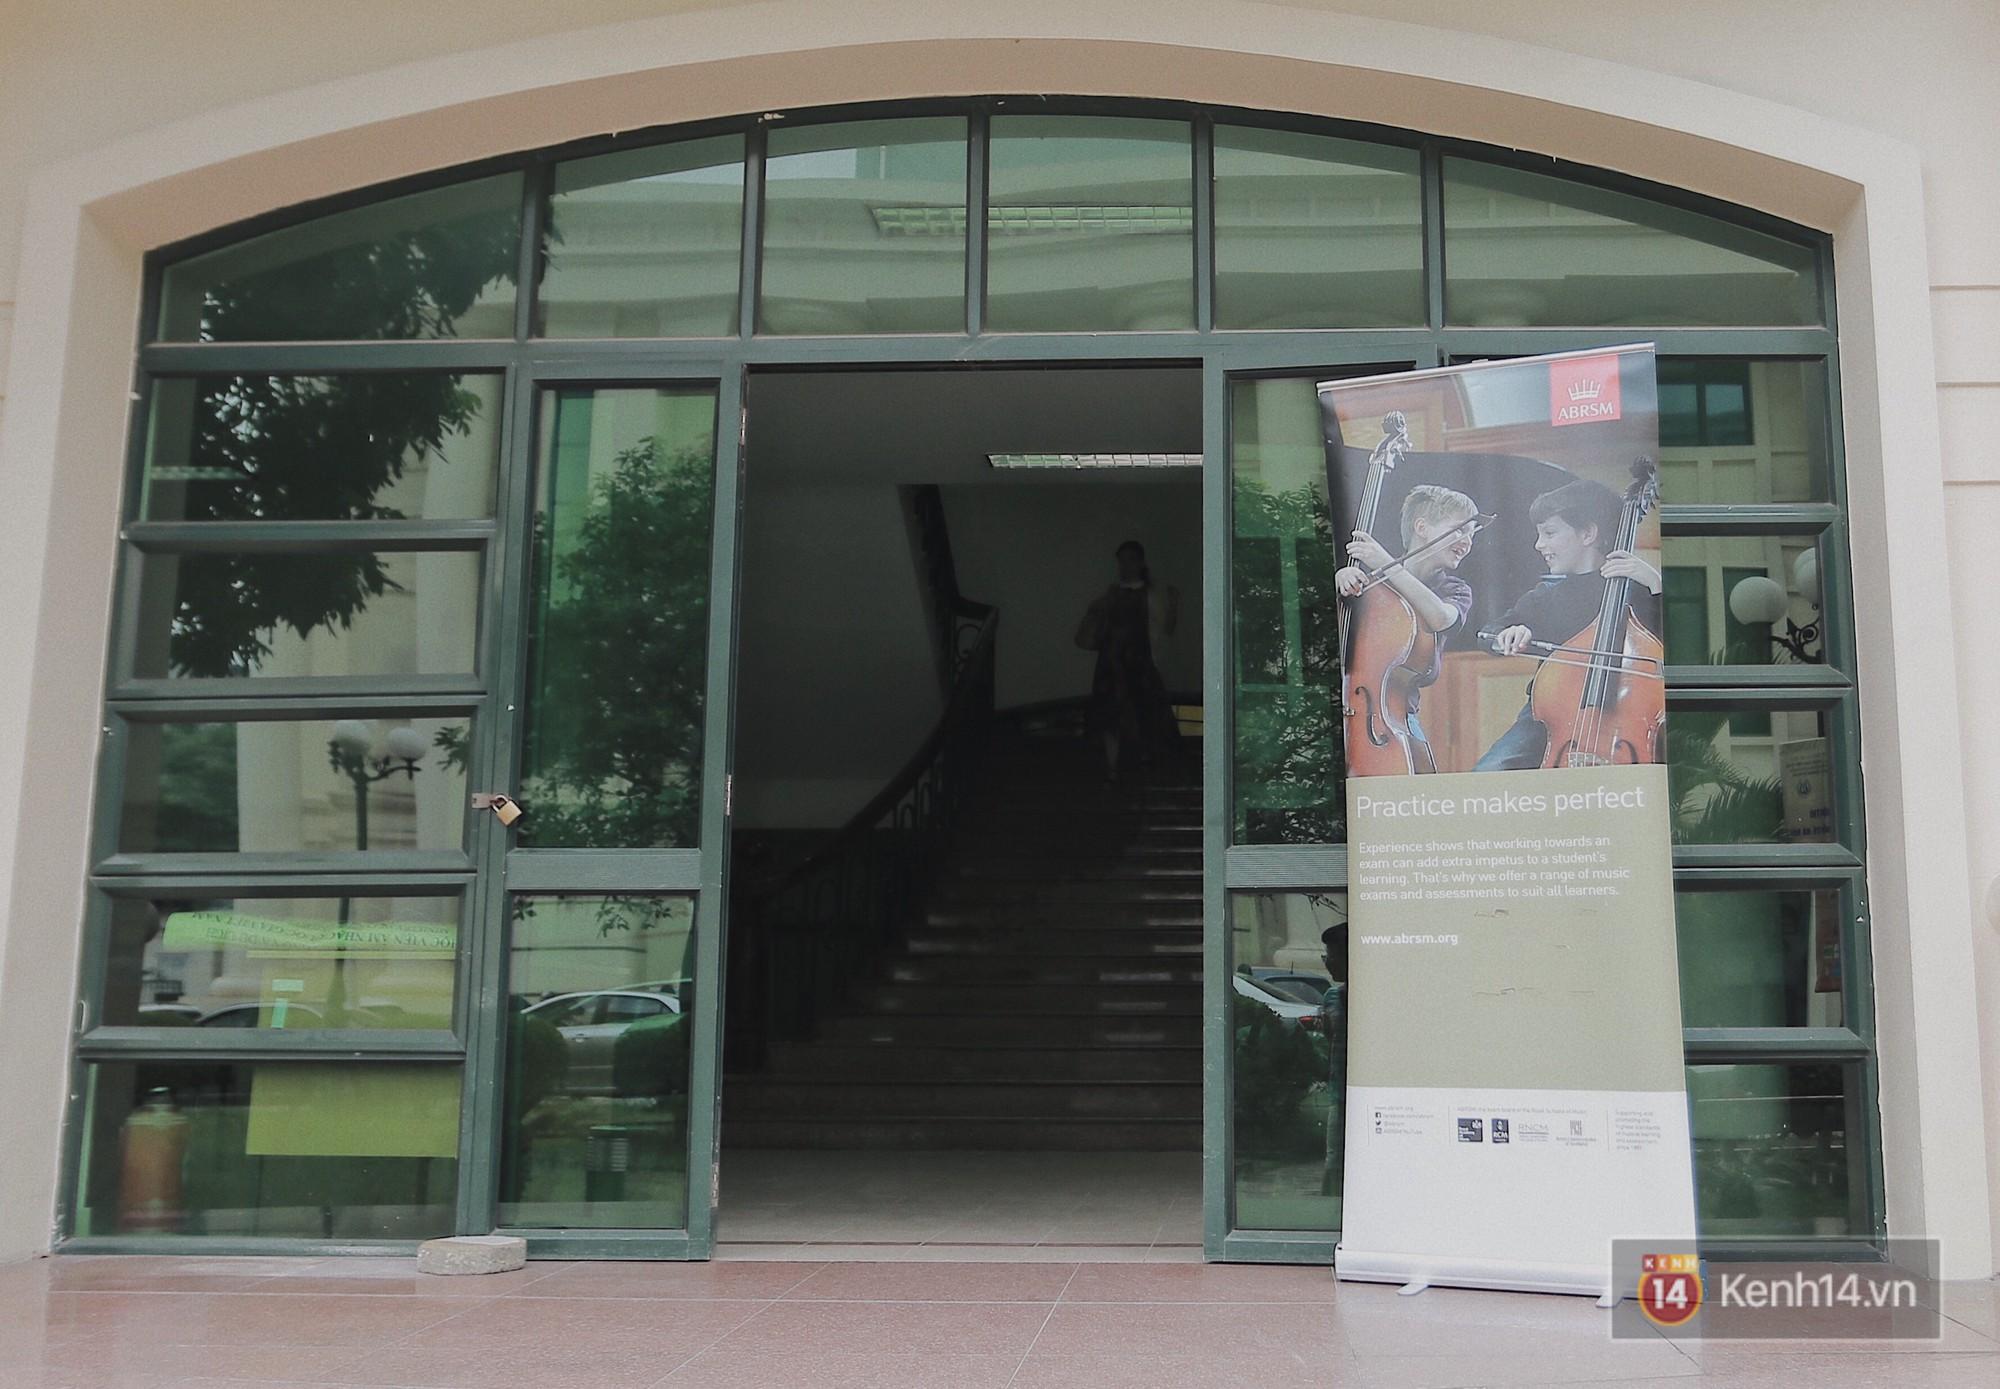 ABRSM - Chứng chỉ âm nhạc uy tín hàng đầu thế giới của Hiệp hội Âm nhạc Hoàng gia Anh đang được đông đảo trẻ em Việt lựa chọn - Ảnh 2.